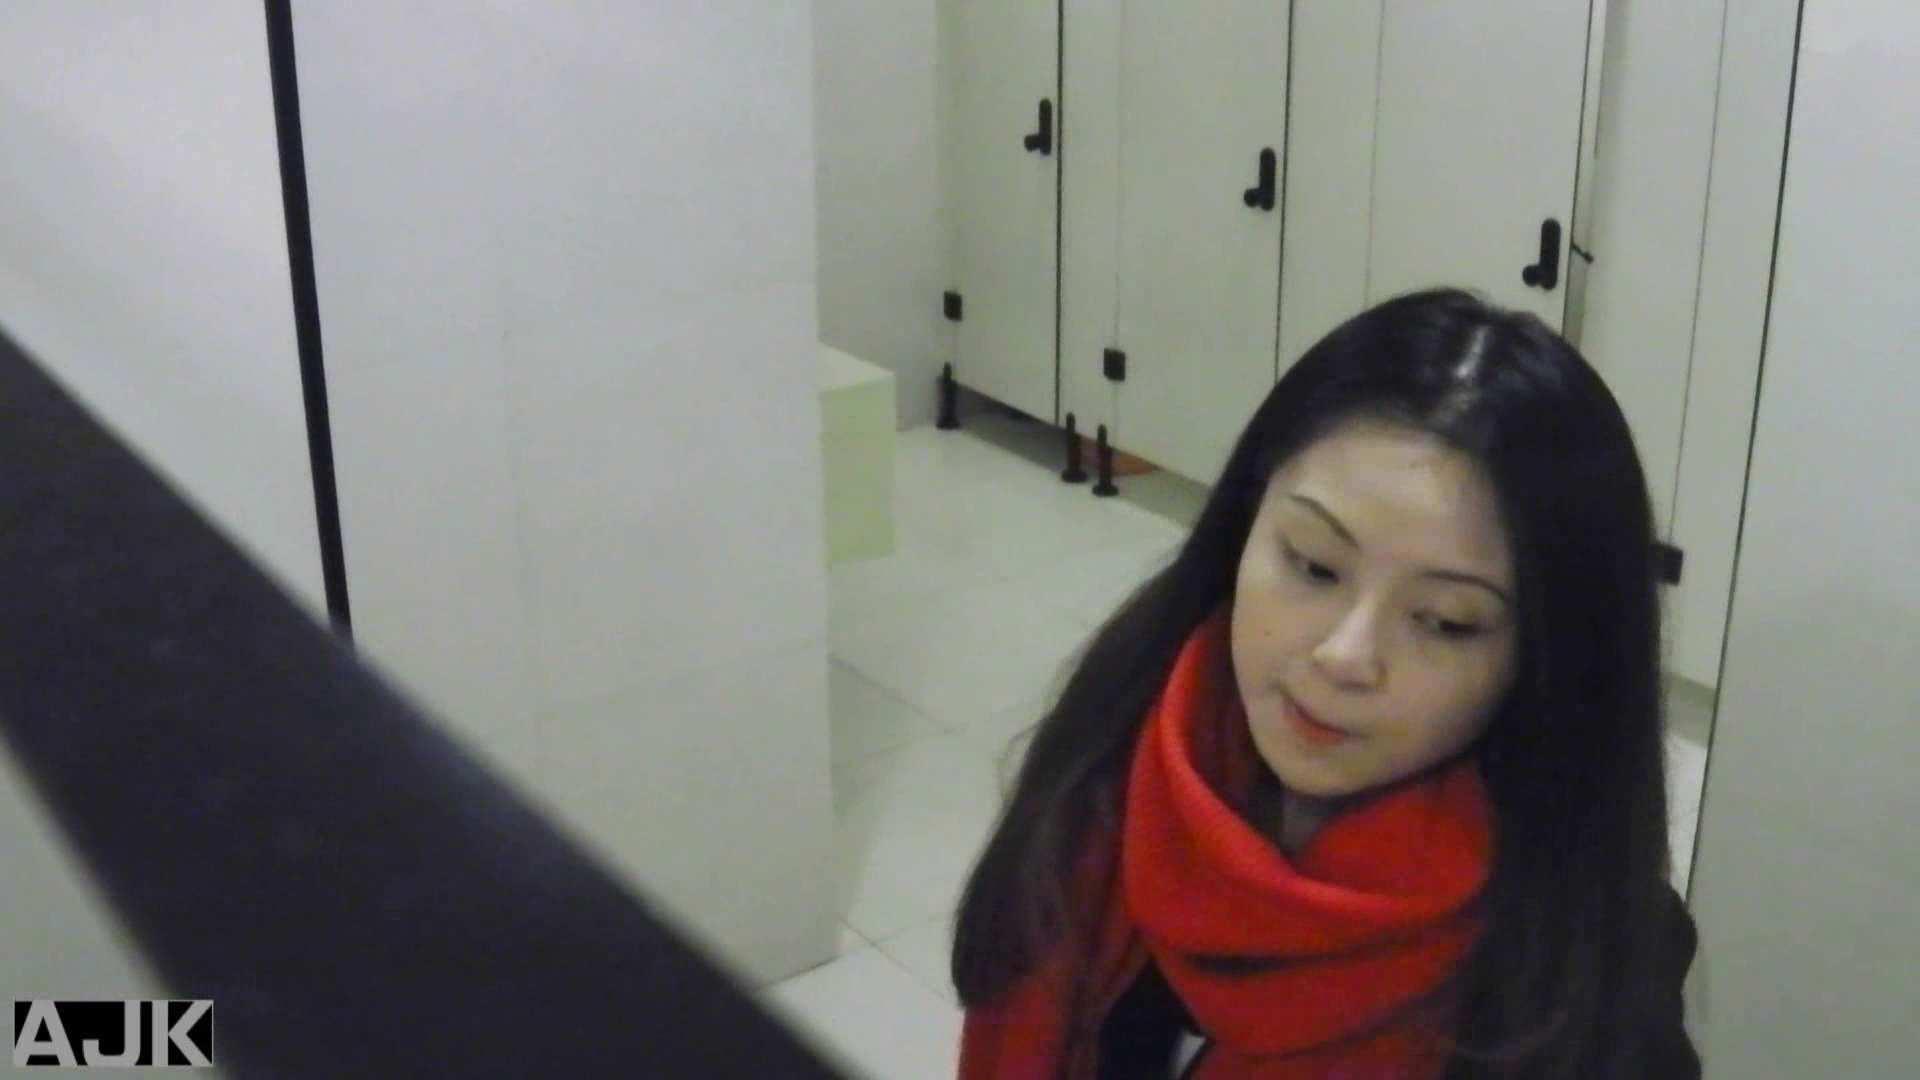 隣国上階級エリアの令嬢たちが集うデパートお手洗い Vol.06 女子トイレの中 セックス画像 78画像 75